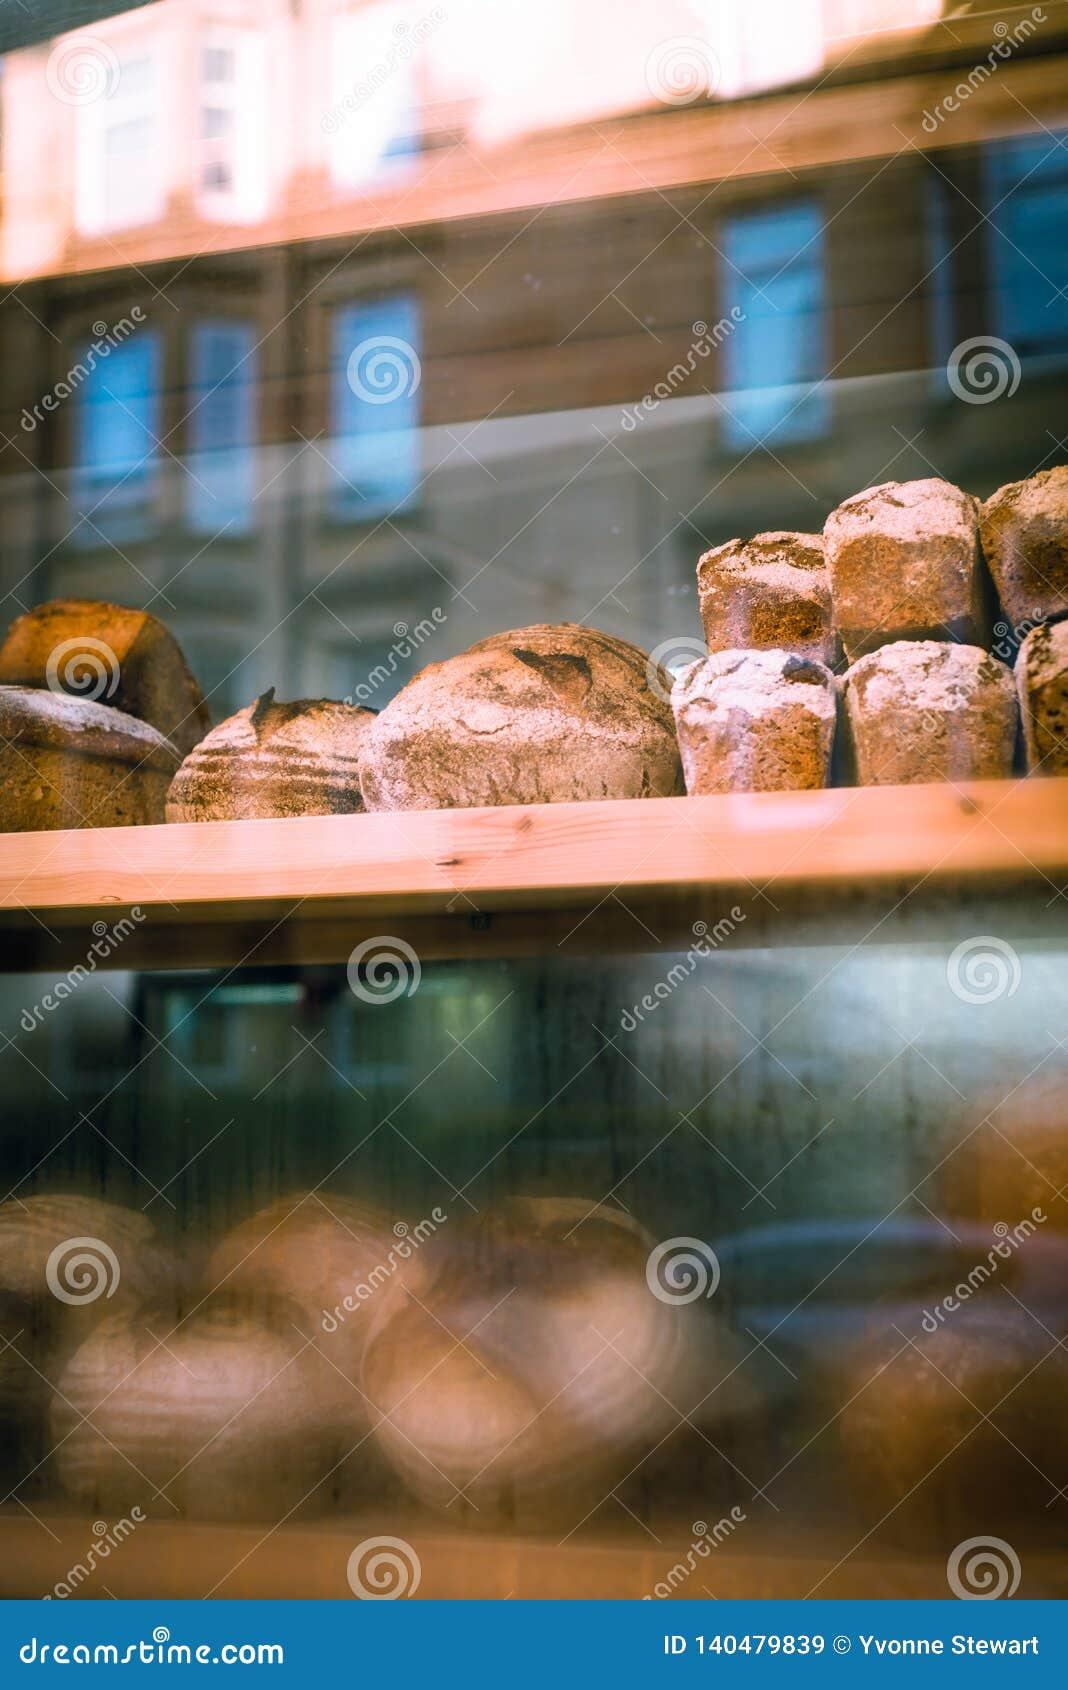 Pan en la ventana de una panadería